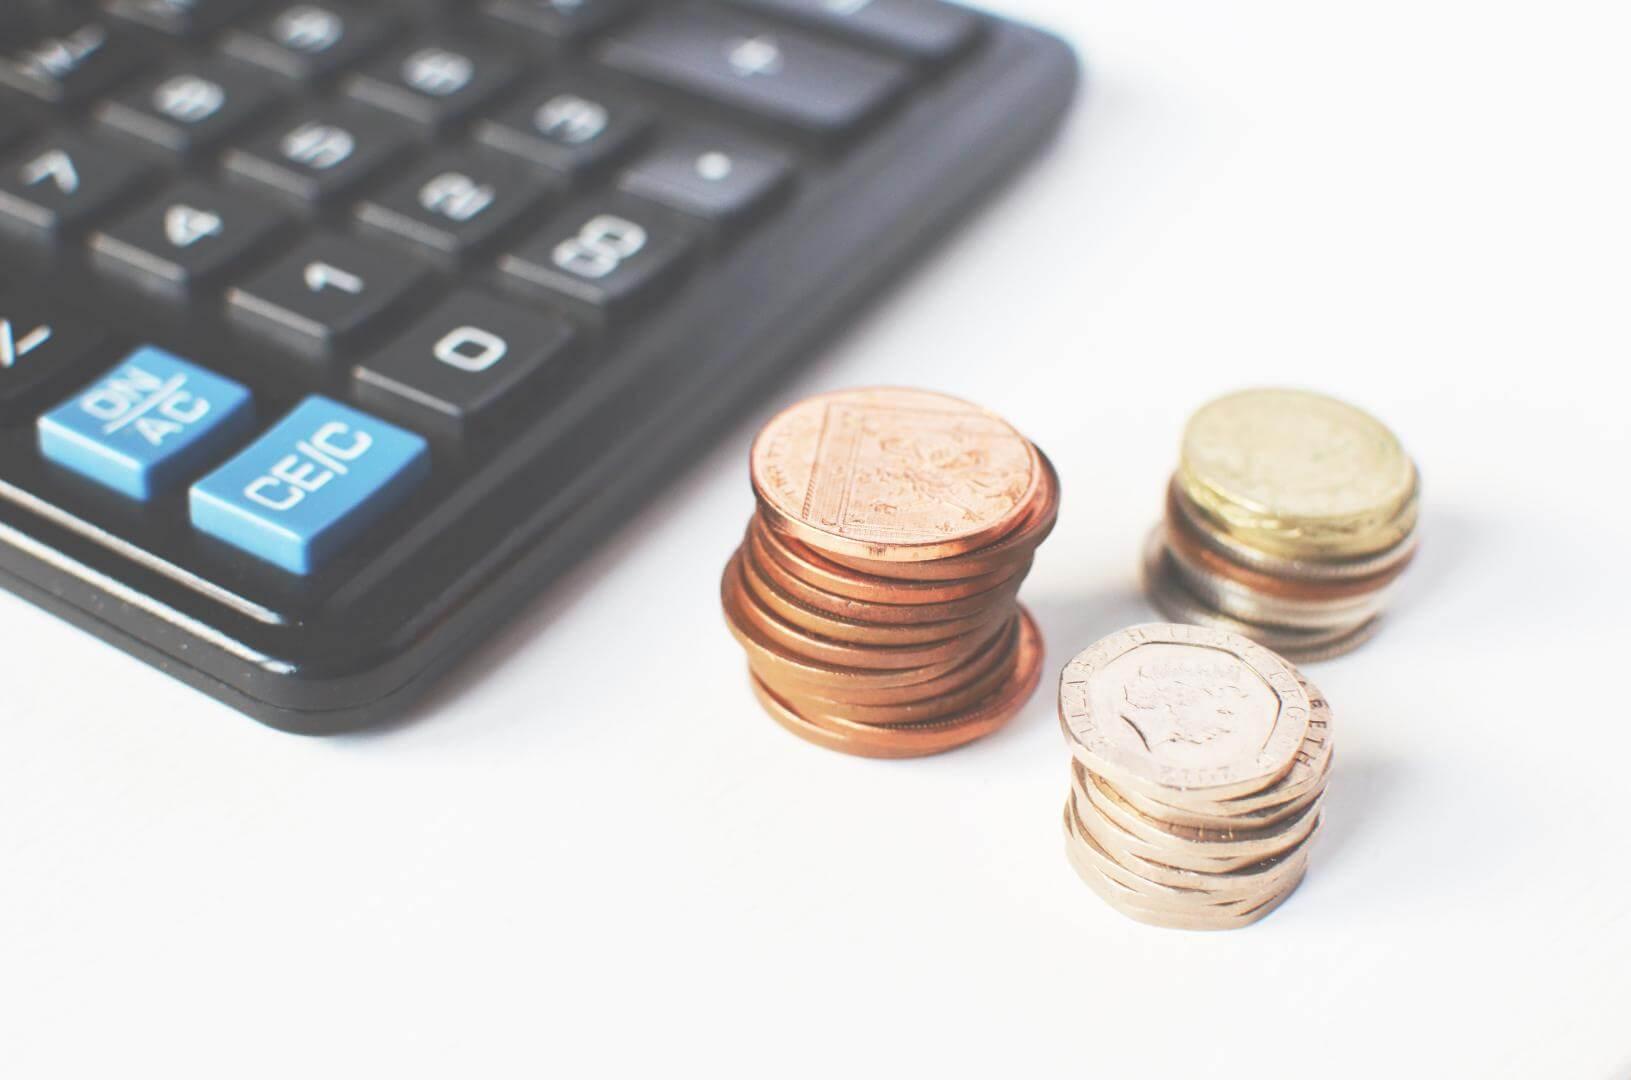 Finanțele dau asigurări pe casele de marcat înainte de 1 noiembrie: Firmele nu vor primi nici măcar avertisment dacă nu au putut cumpăra noul aparat din motive independente. Procesul de dotare ar trebui să se încheie în mare până la final de an